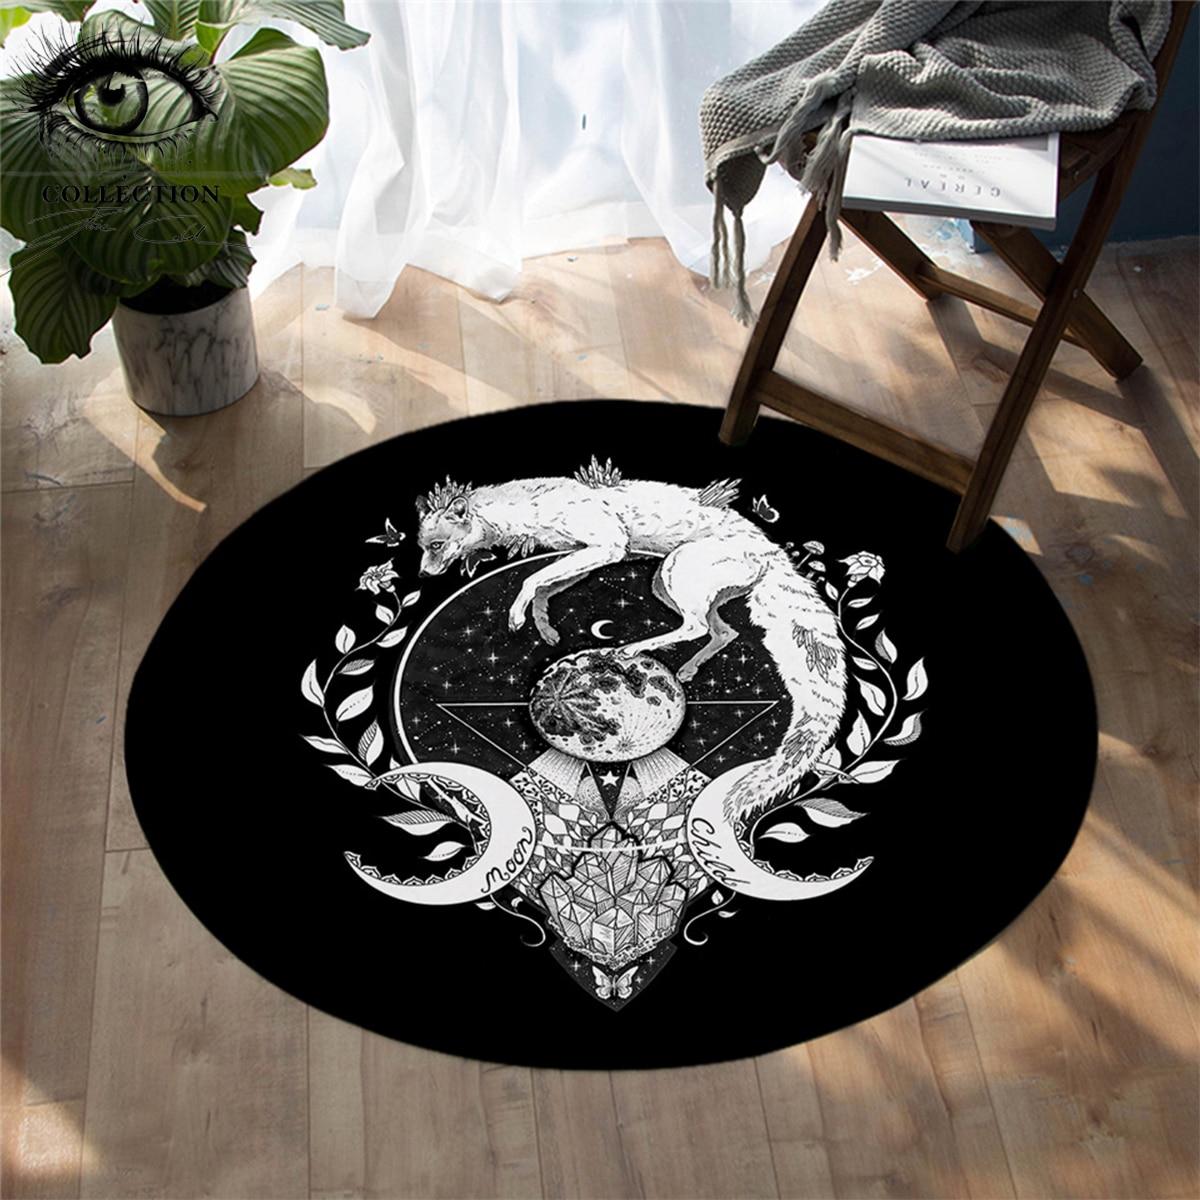 Круглый ковер с изображением волка Галактики от Пикси холодного искусства, детские черные коврики для спальни, напольный коврик с изображе...